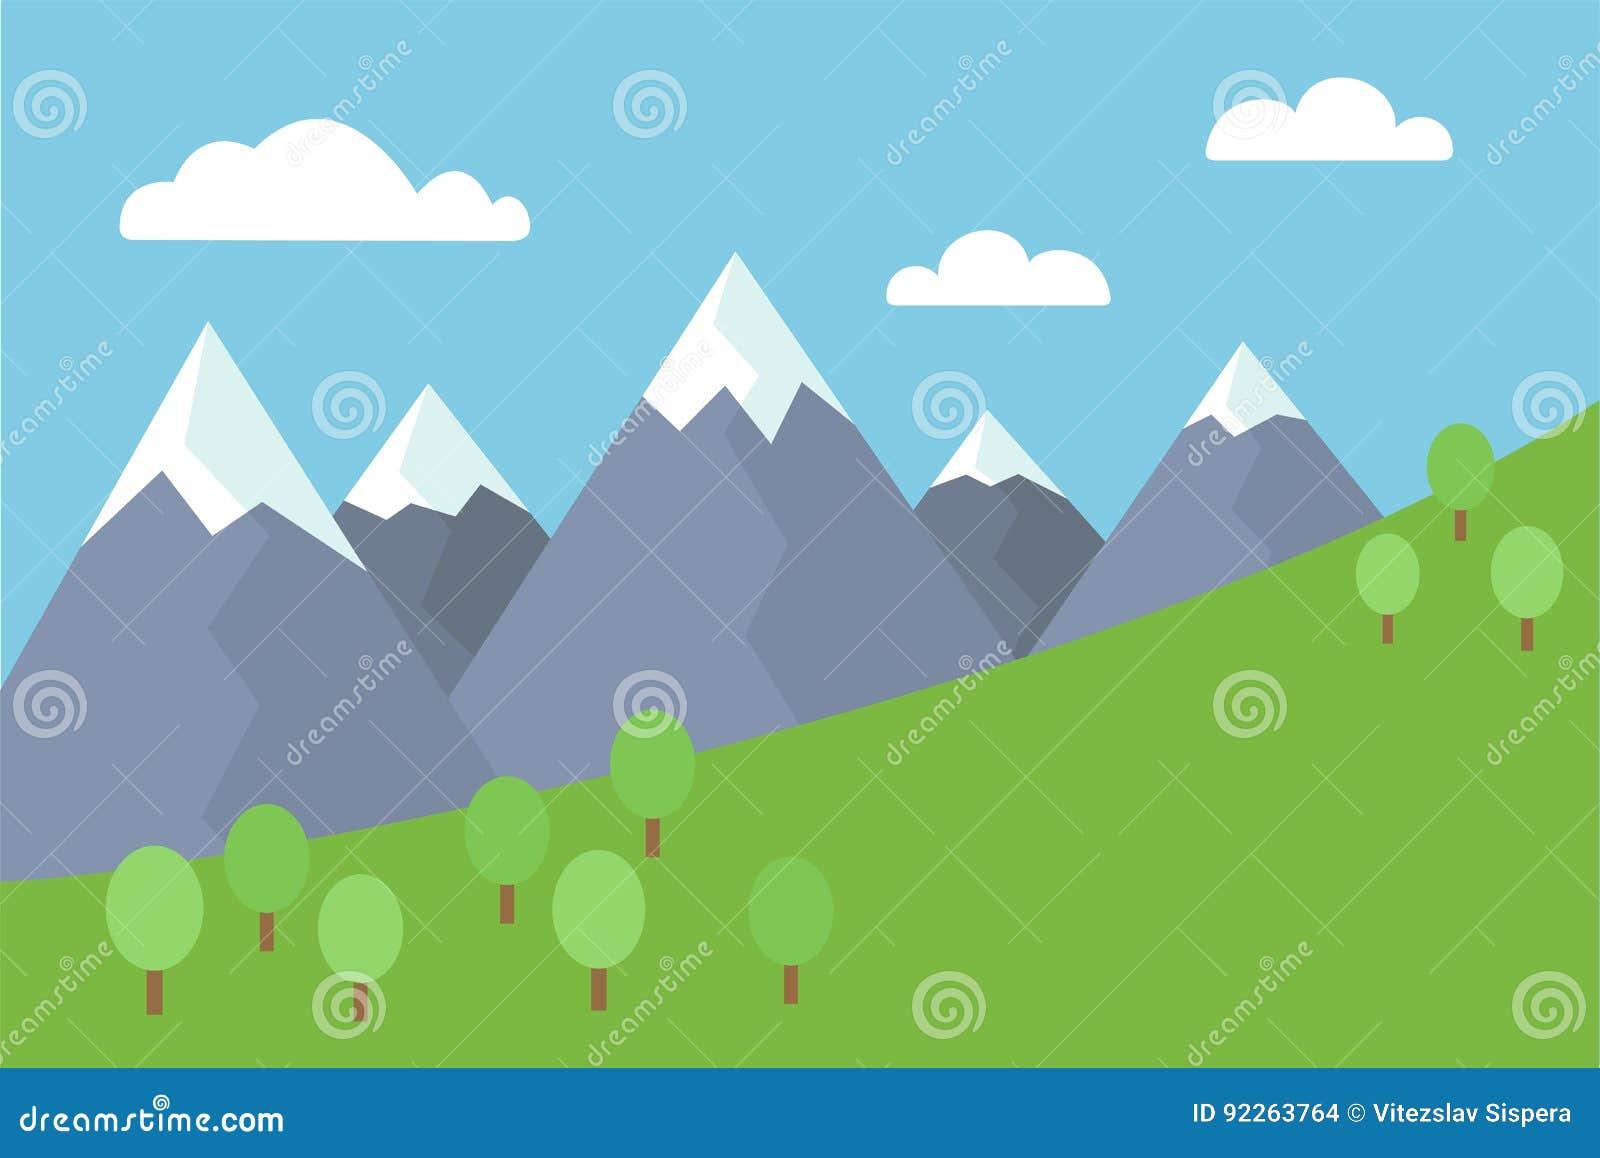 Ilustração lisa do vetor colorido dos desenhos animados da paisagem da montanha com picos cobertos de neve com árvores e prado so